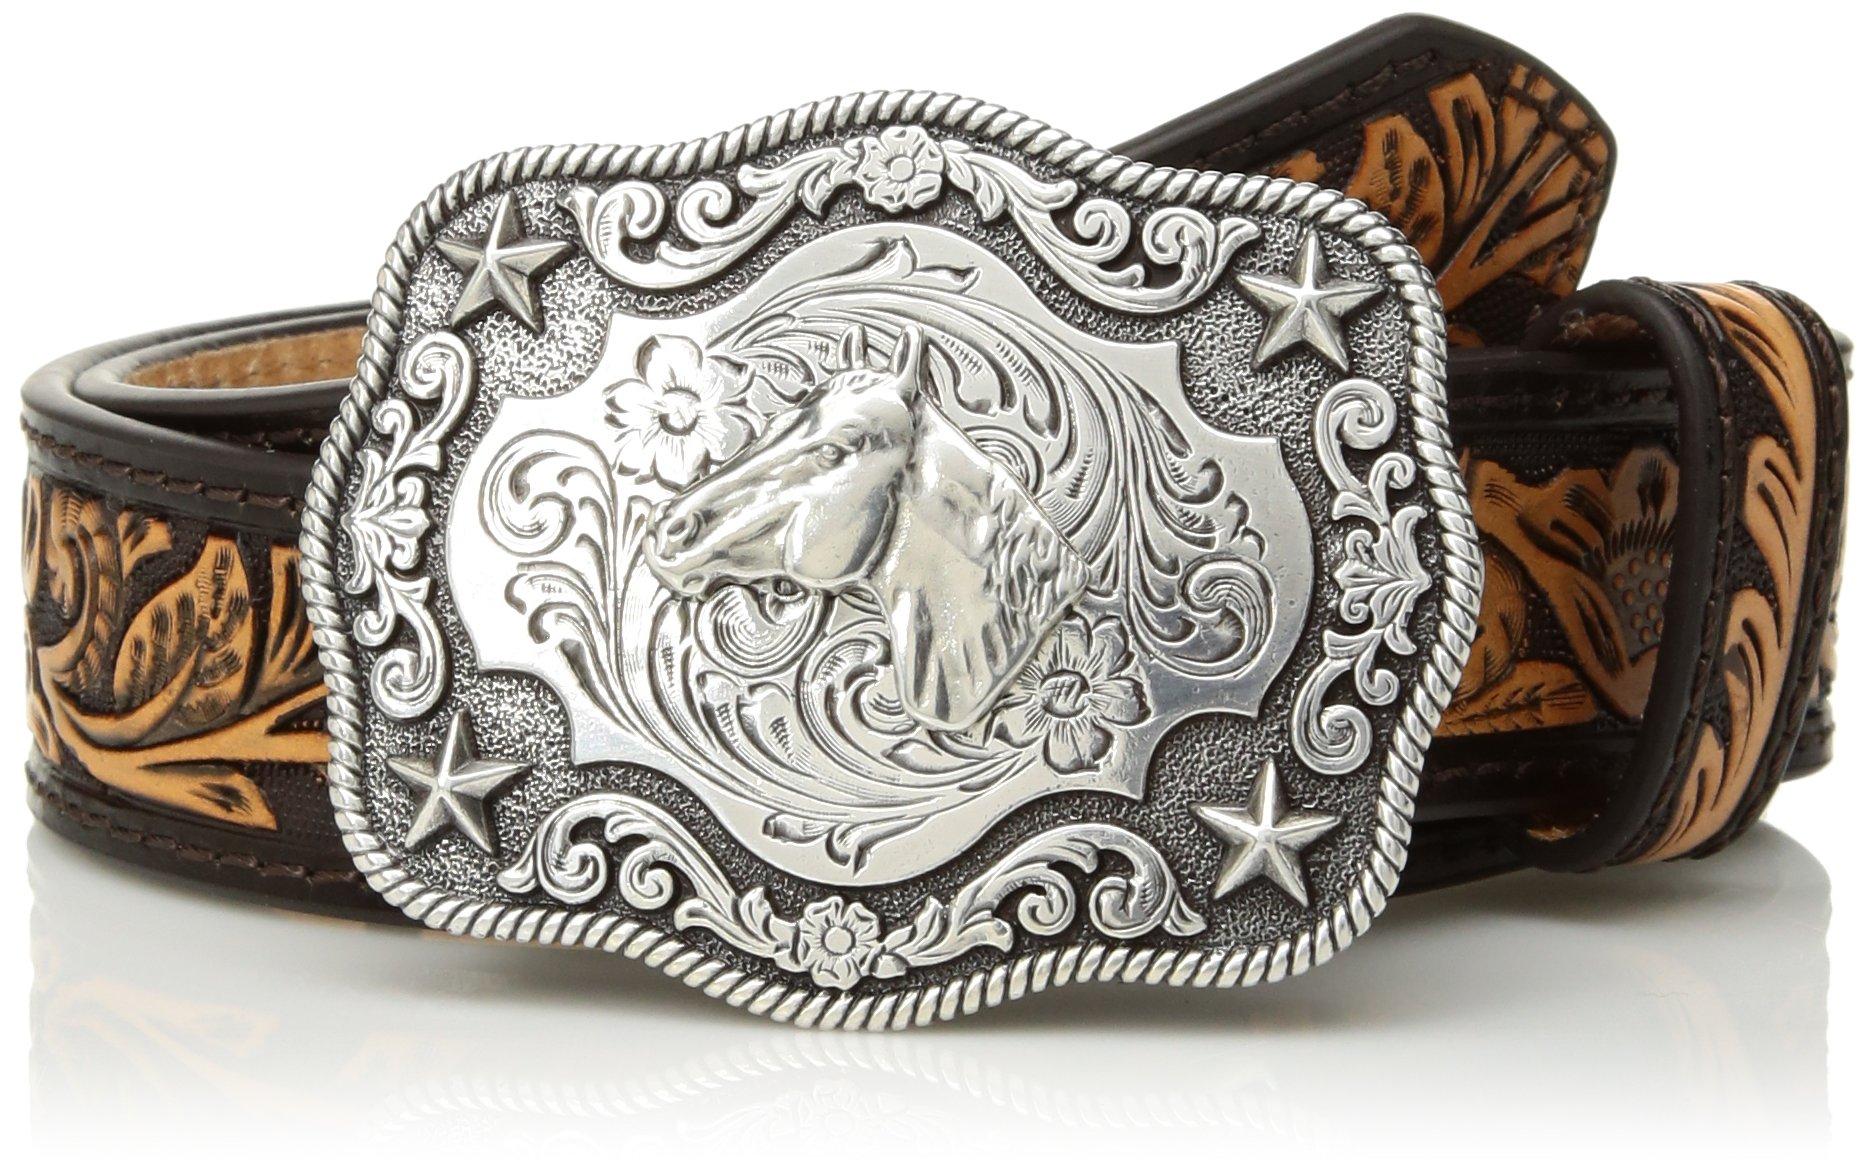 M&F Western Boy's Floral Embossed Horsehead Buckle Belt (Little Kids/Big Kids) Brown/Tan 28